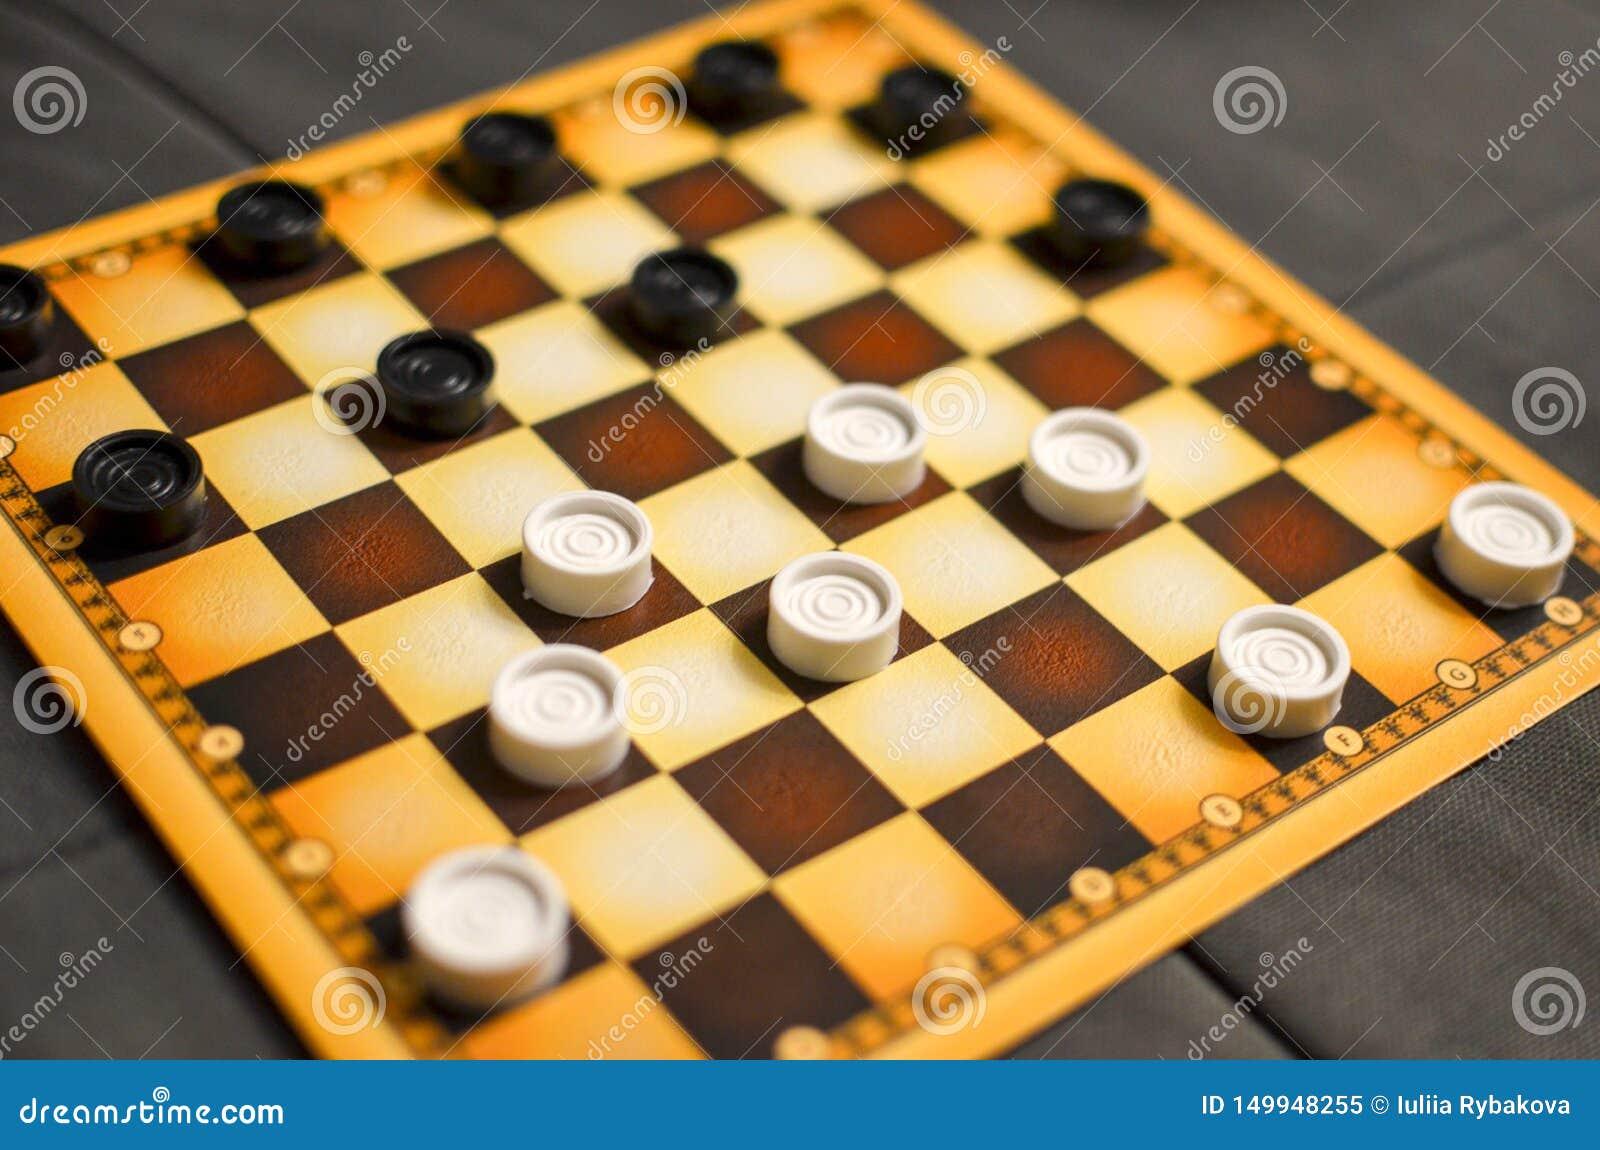 Шахматная доска с контролерами E t контролеры дальше